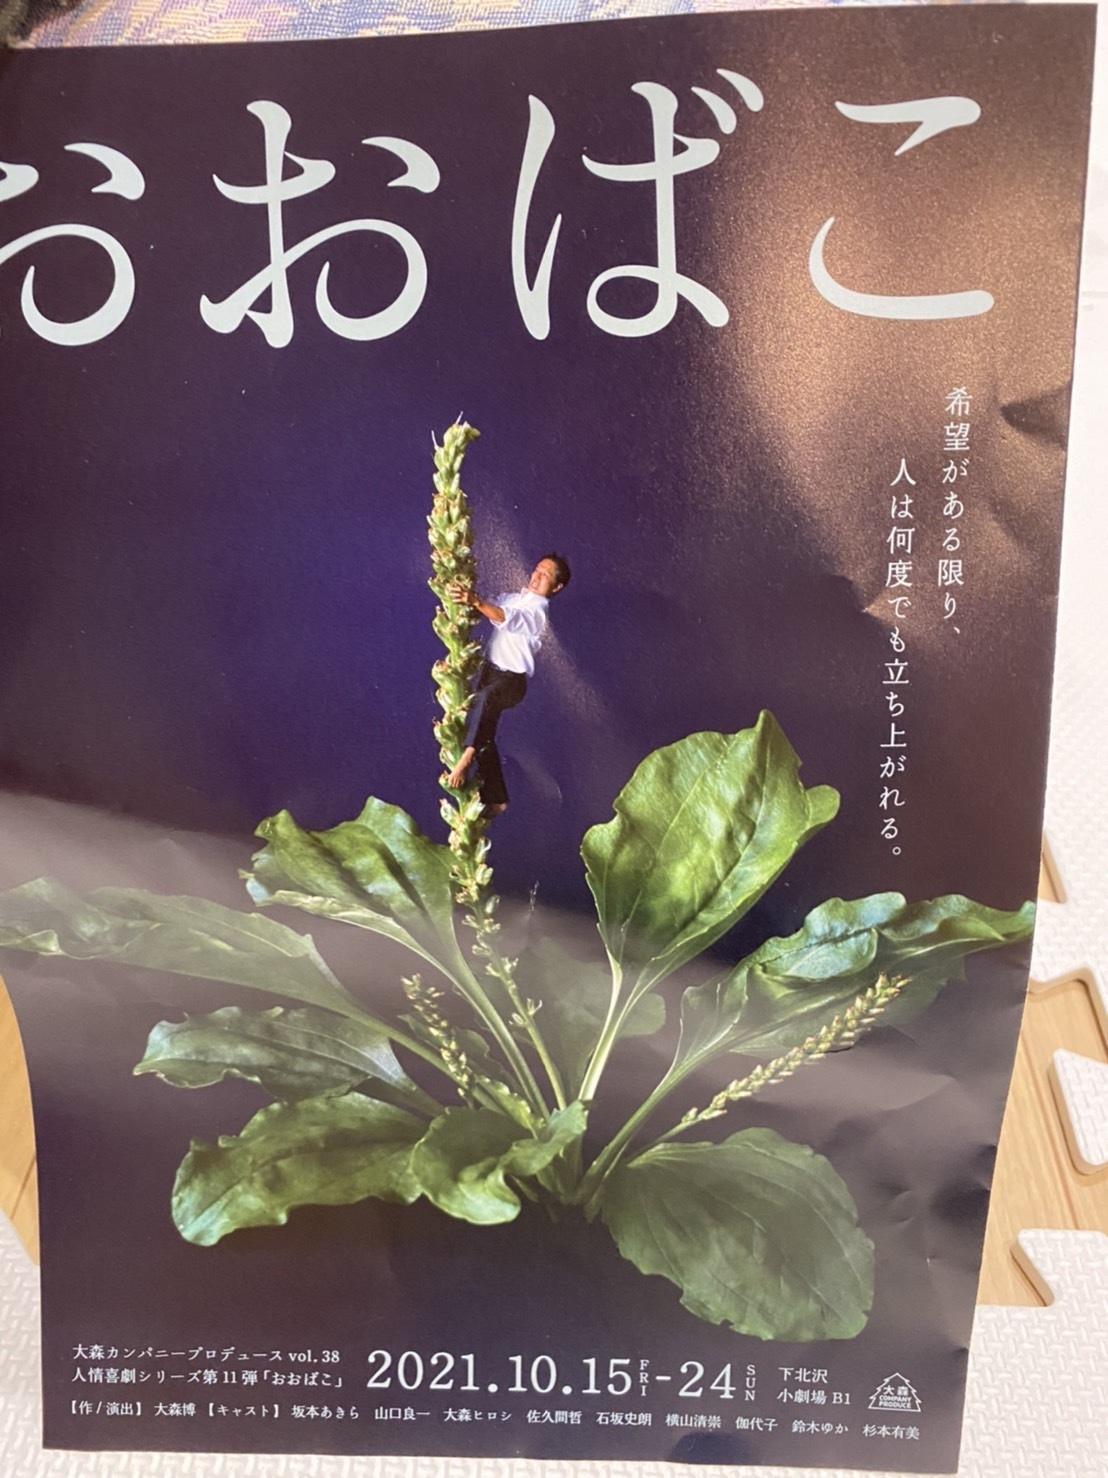 人情喜劇「おおばこ」_a0163623_20461258.jpg